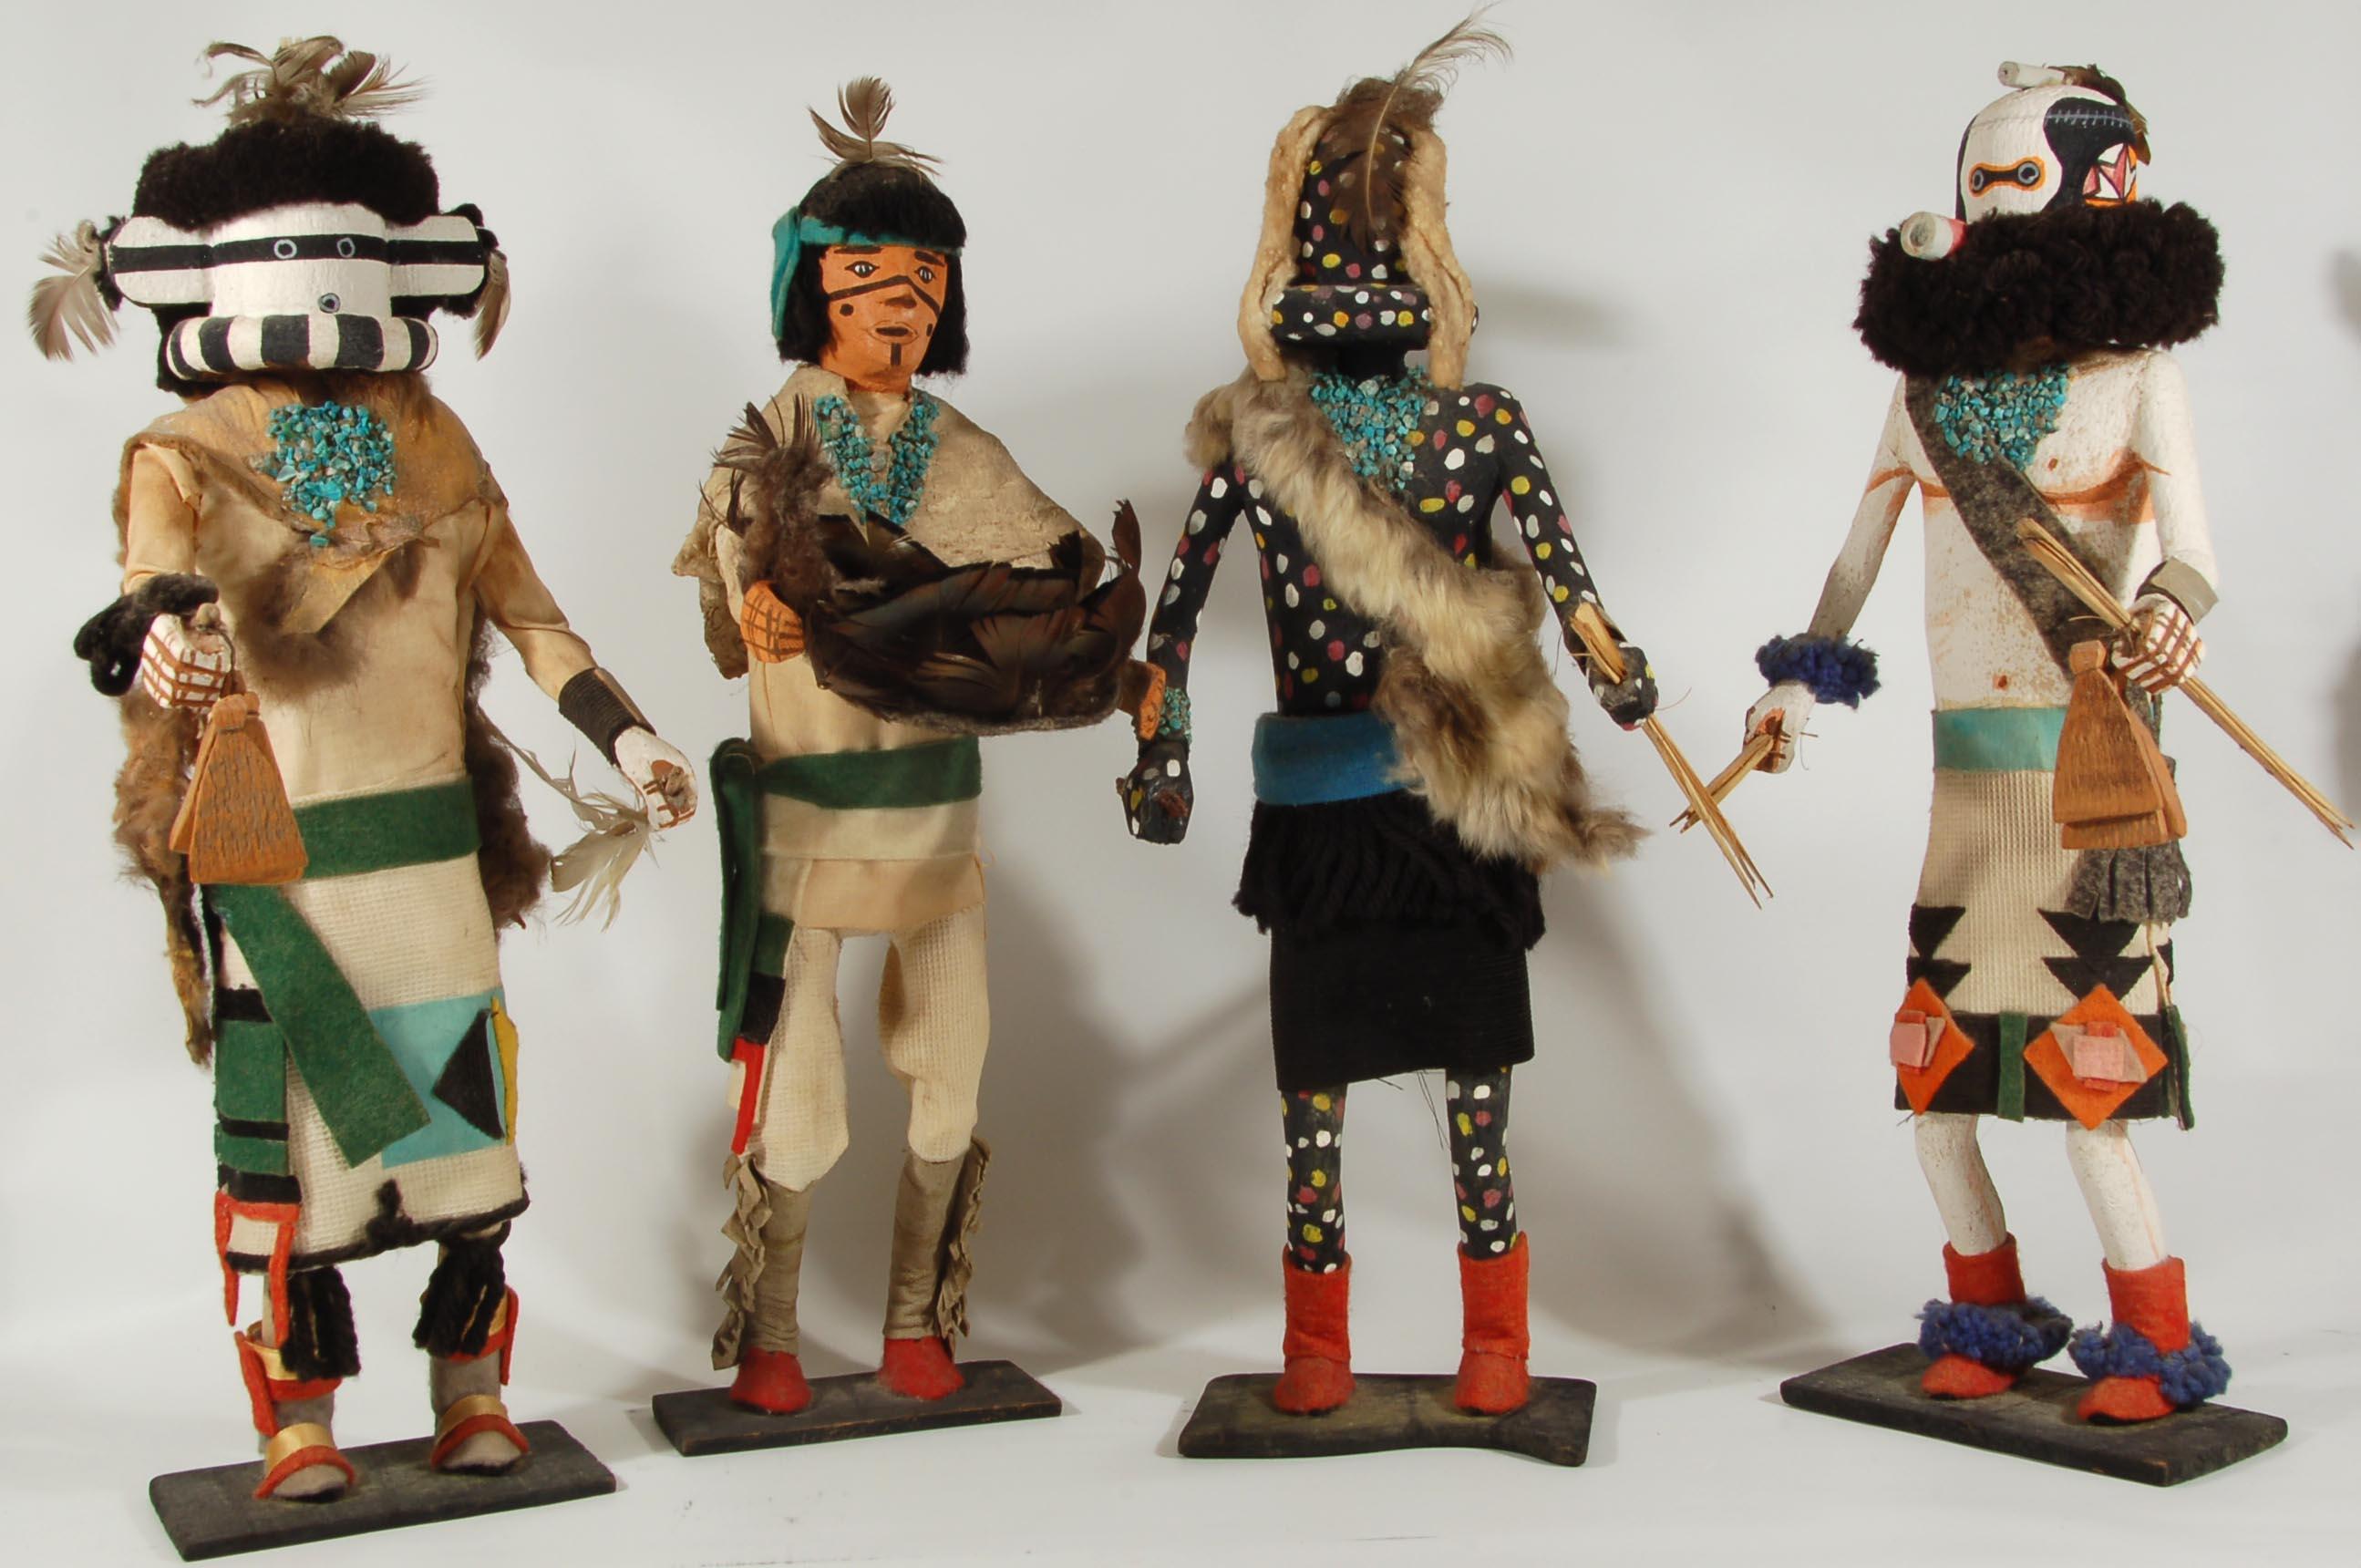 Zuni Katsina Dolls by Duane Dishta